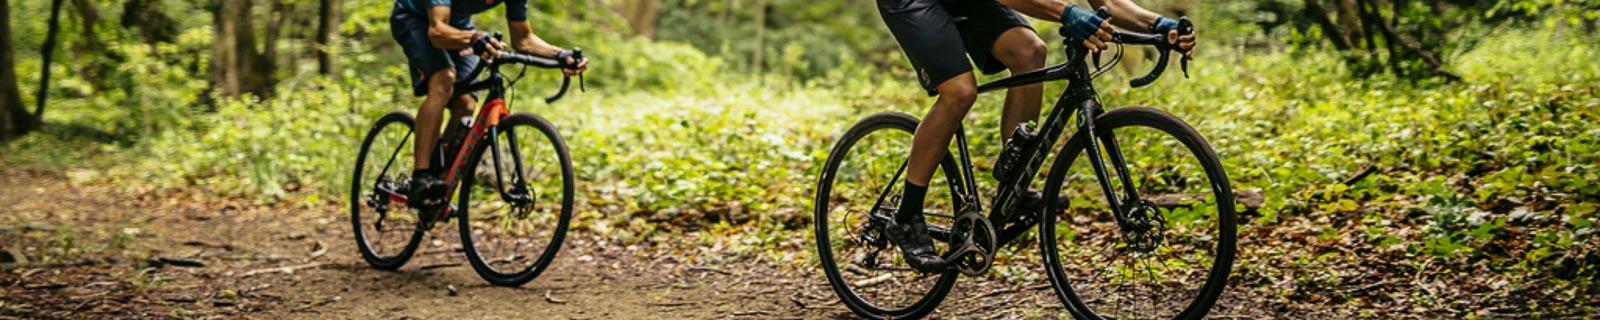 Cyclocross-Rennräder - Die Alternative für die nasse und kalte Jahreszeit